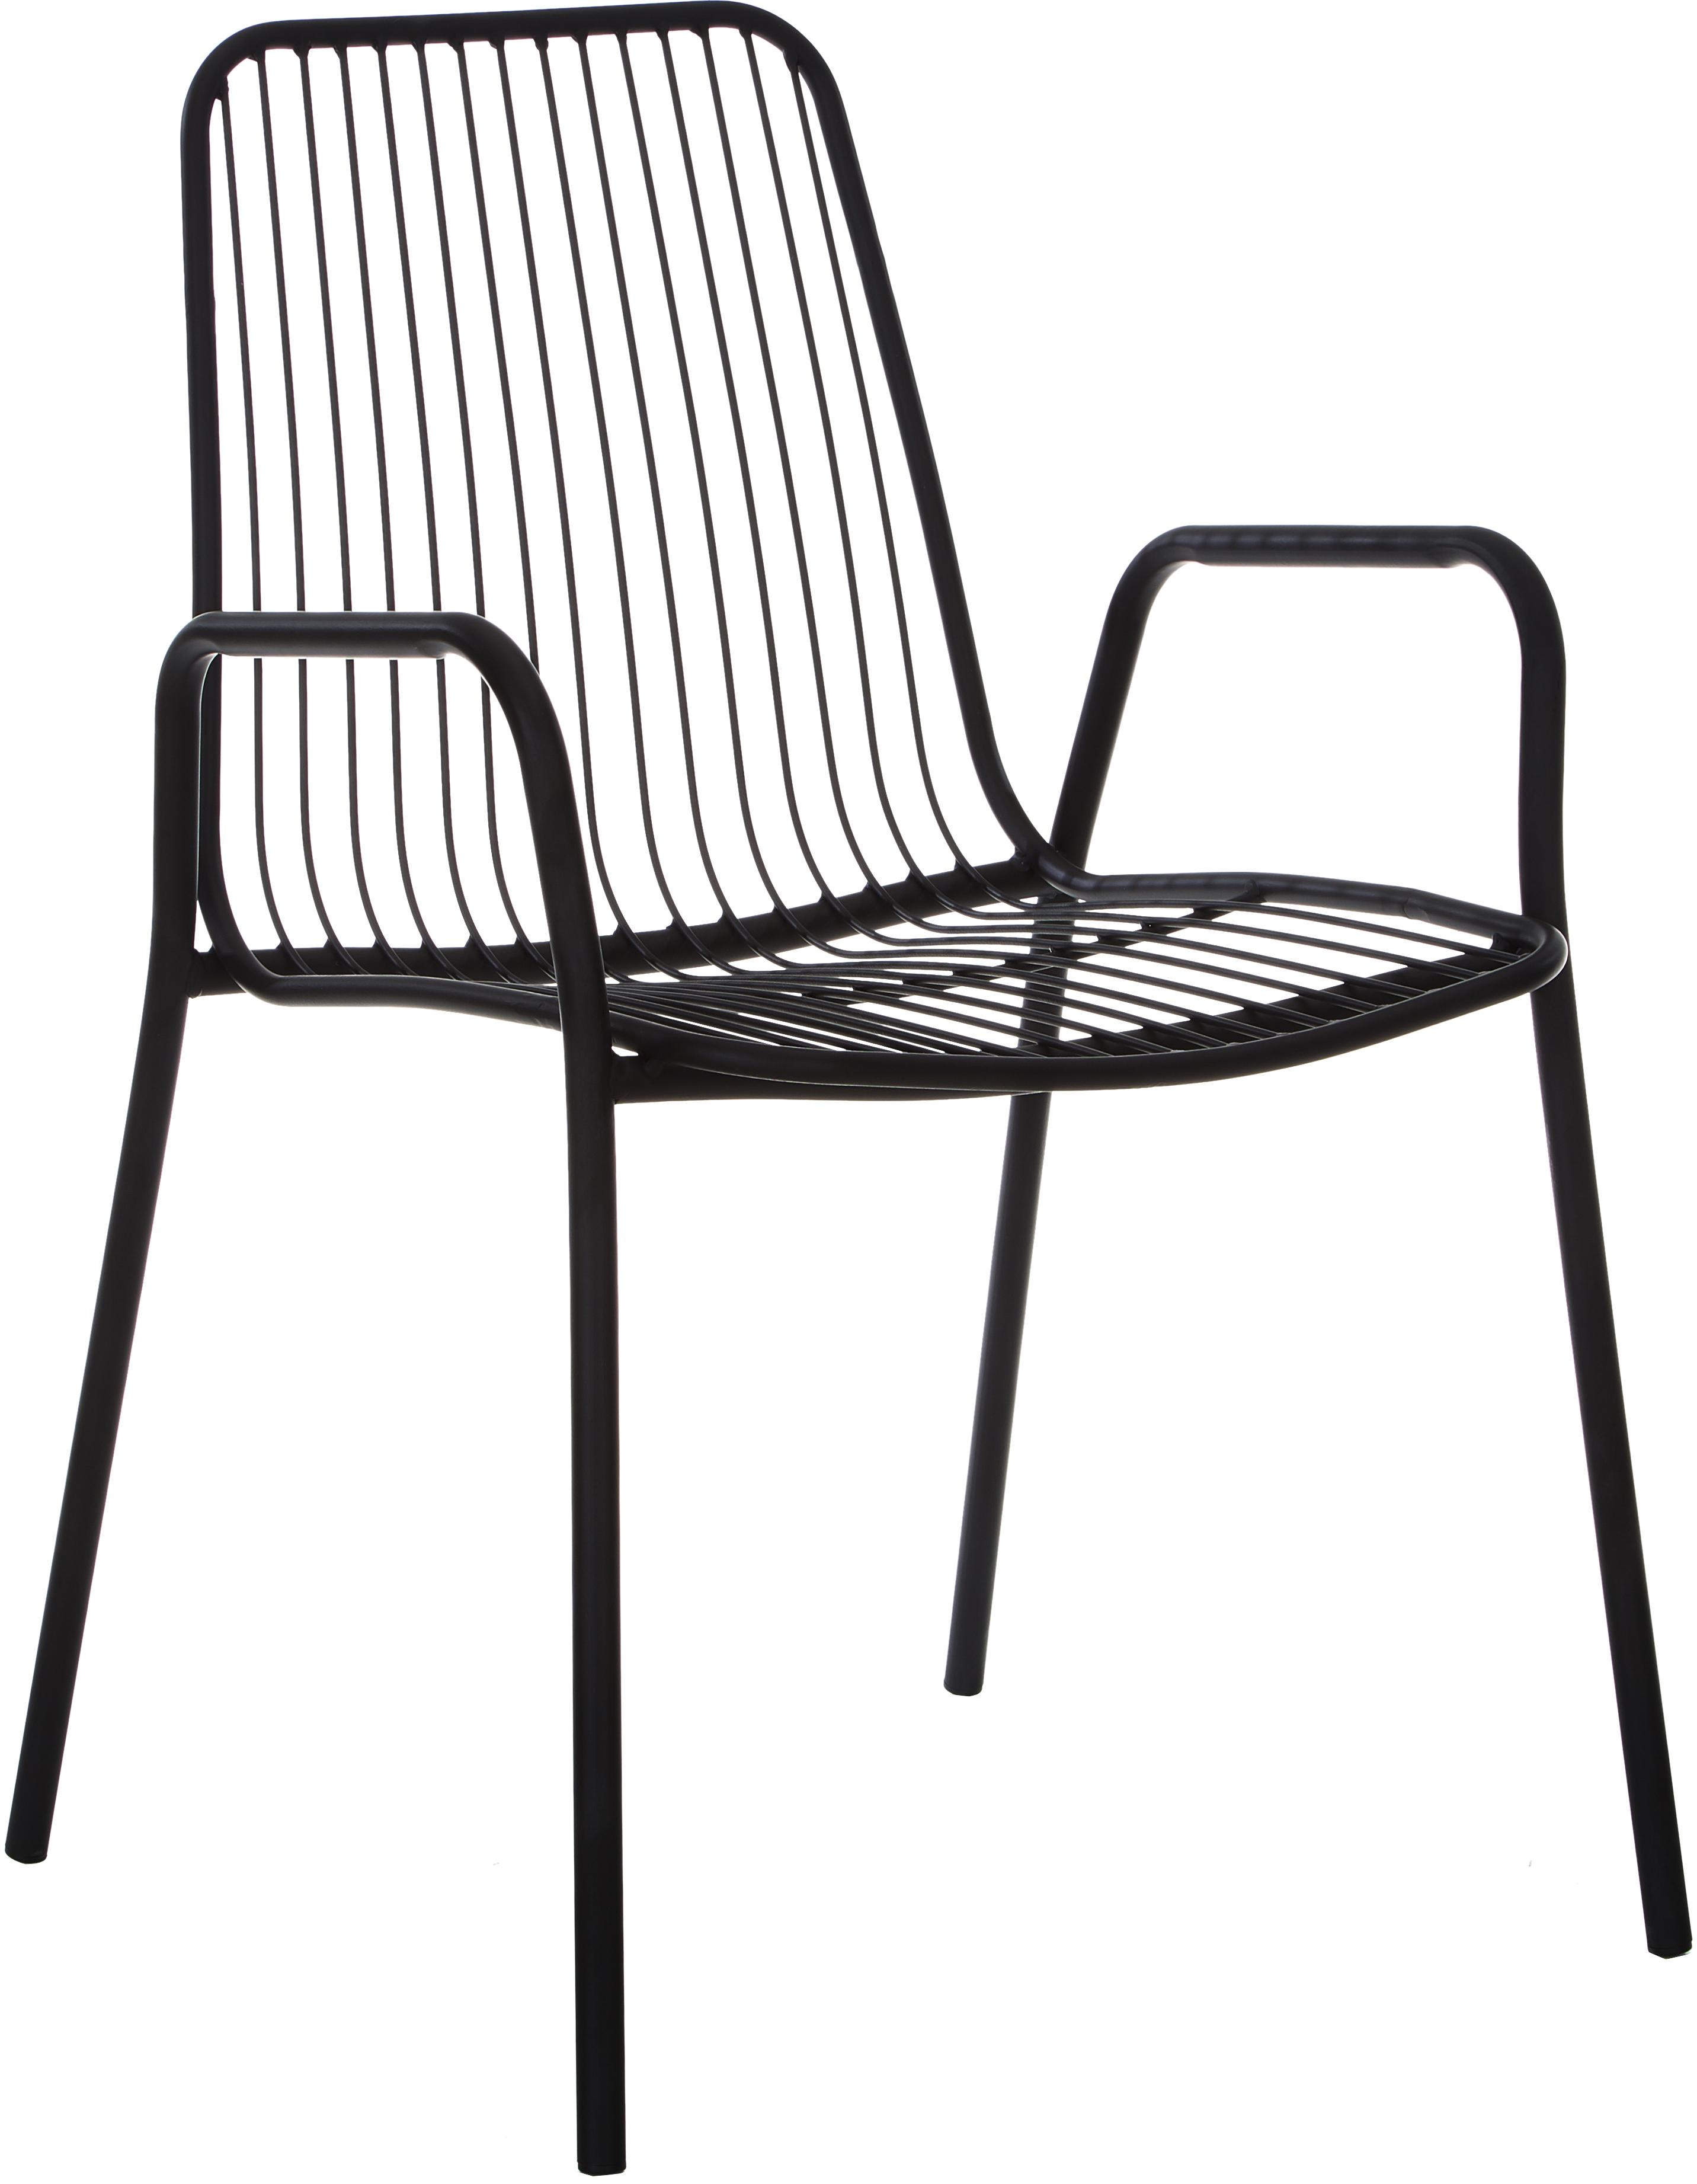 Sedia da giardino in metallo con braccioli Tirana 2 pz, Metallo verniciato a polvere, Nero, Larg. 54 x Prof. 54 cm